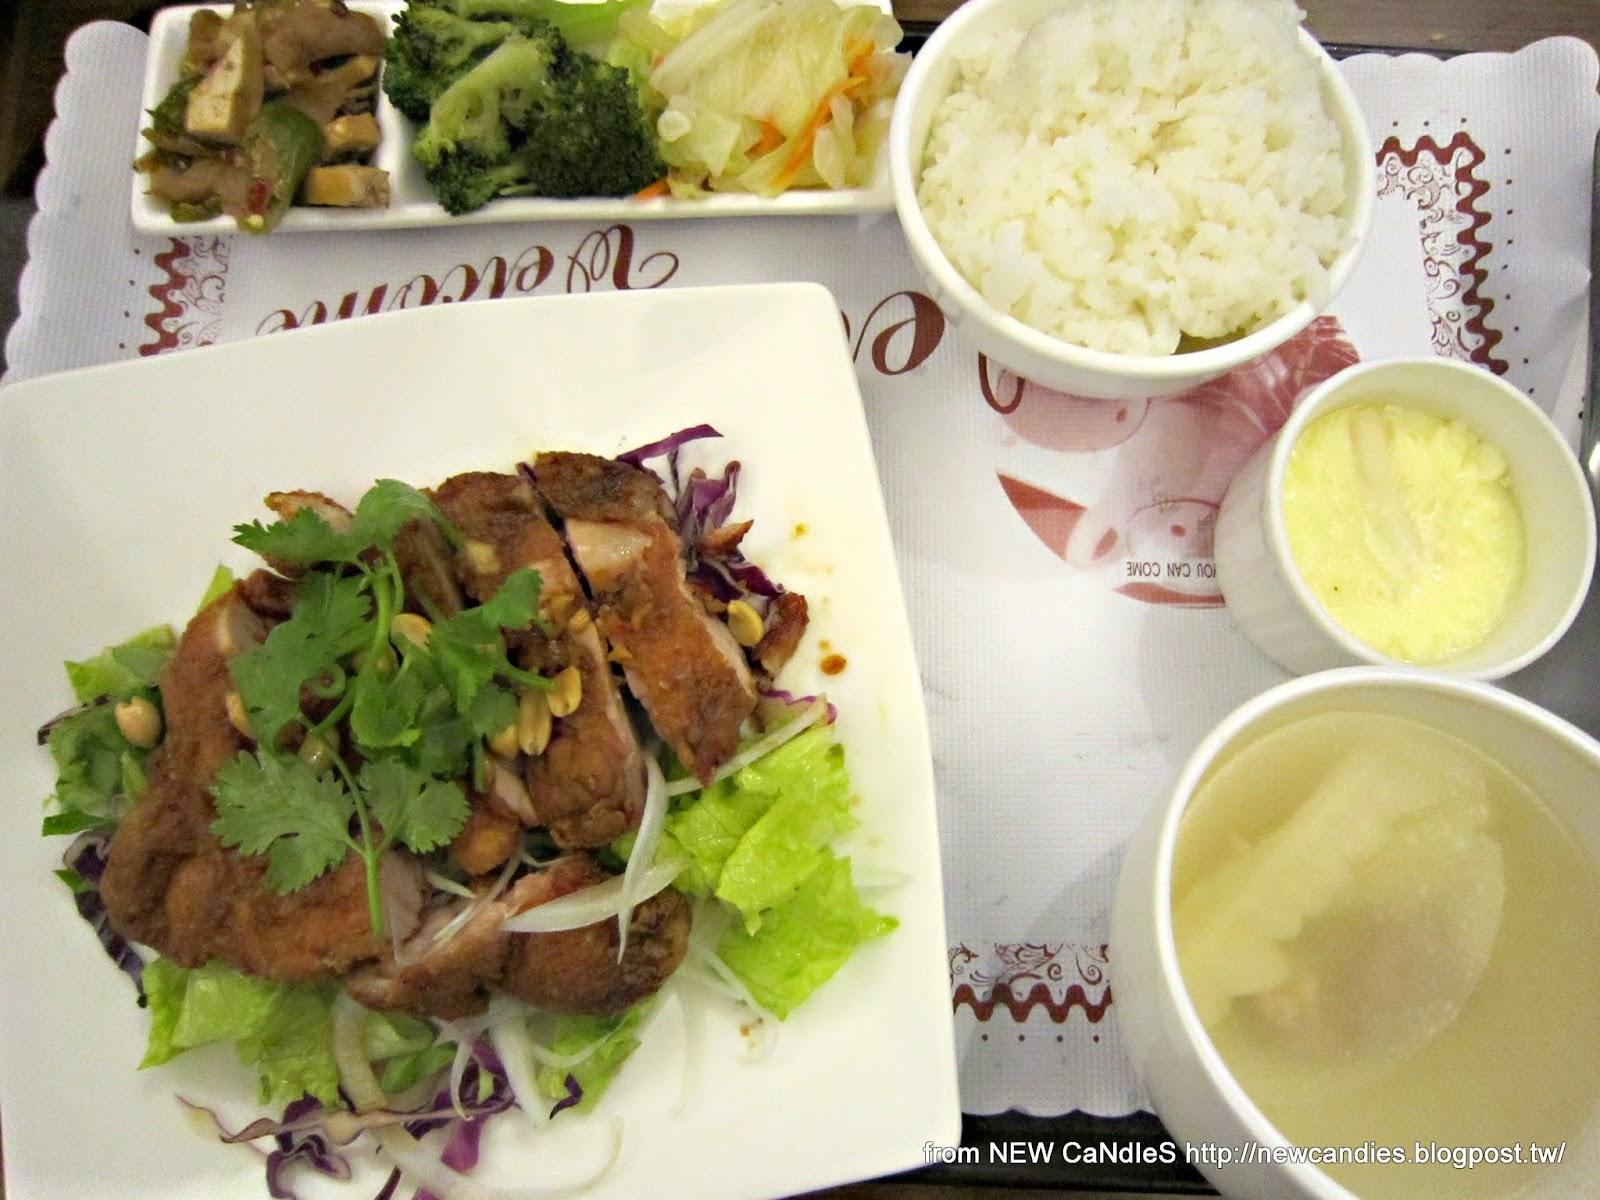 吃喝玩樂。Candies。: 【臺東】樂膳私房料理 ── 簡餐火鍋